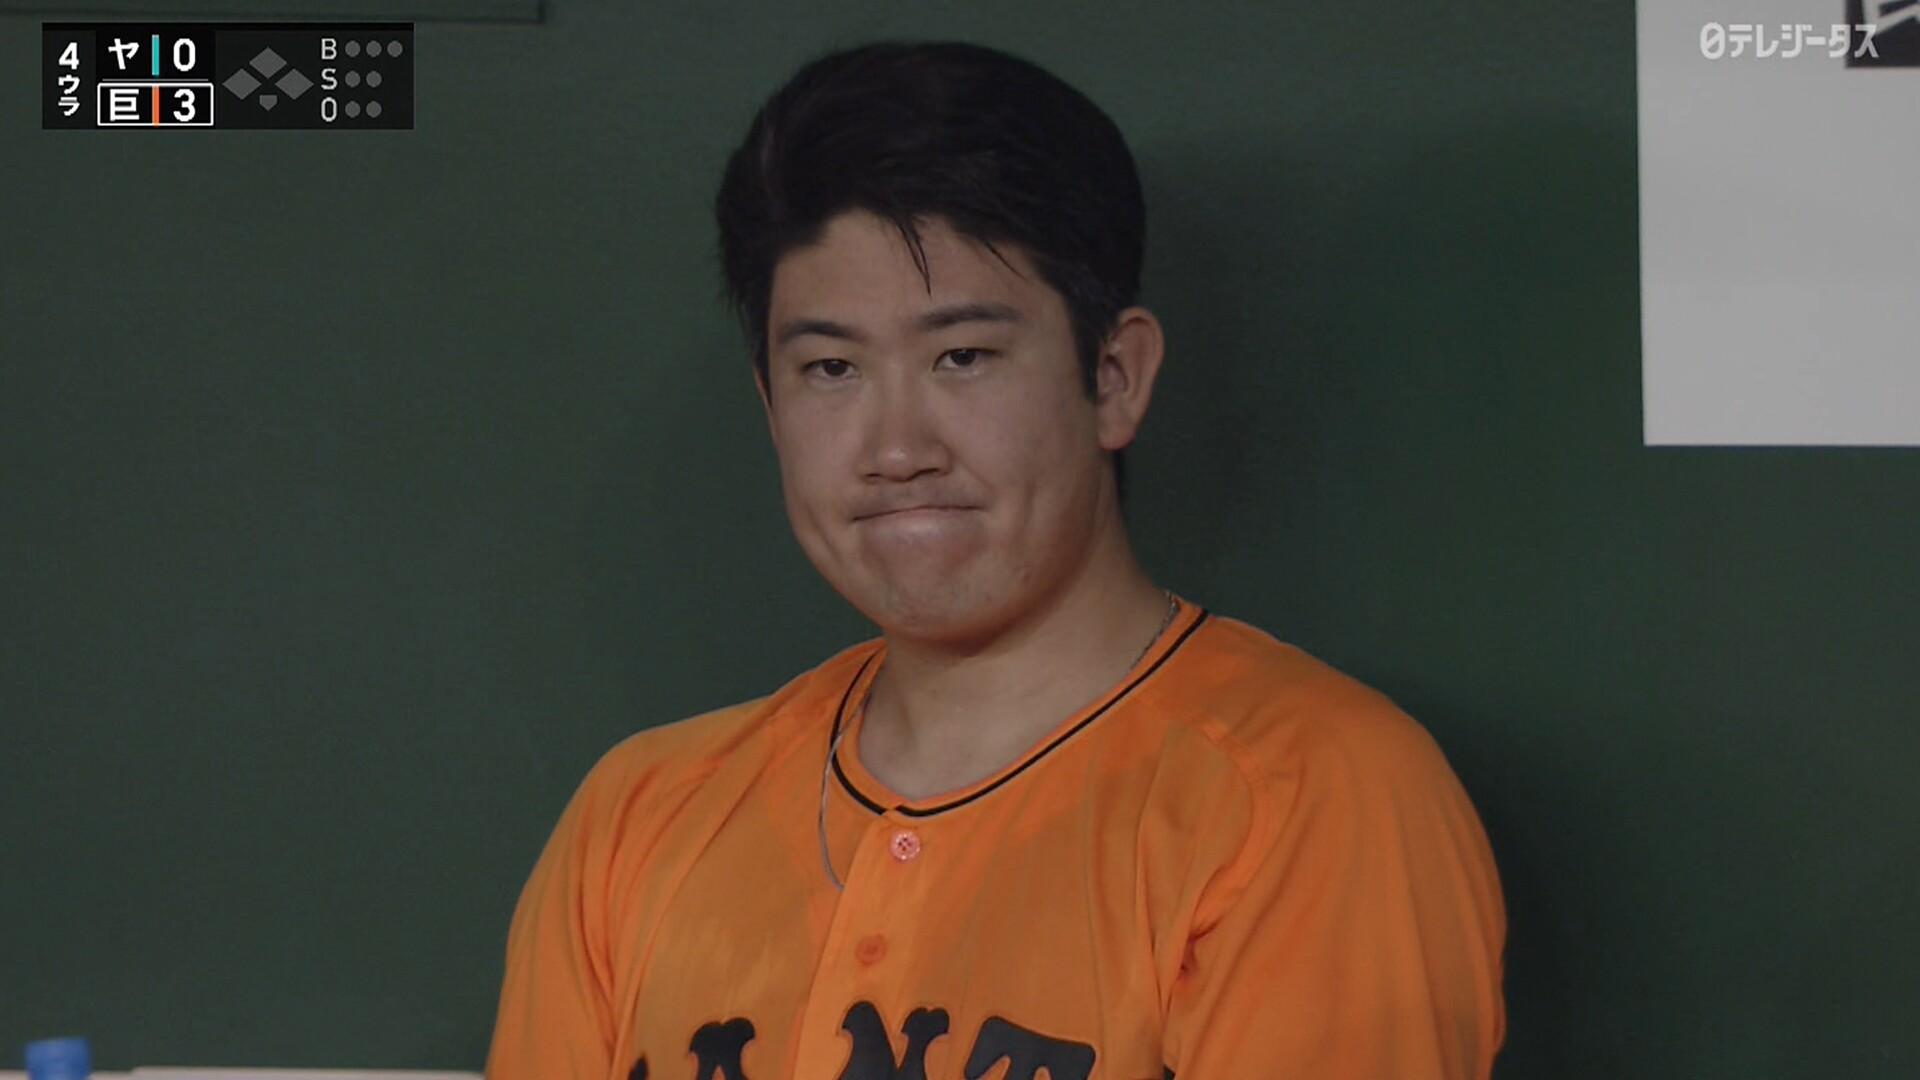 巨人・菅野、4回無失点で降板 ベンチで悔しそうな表情